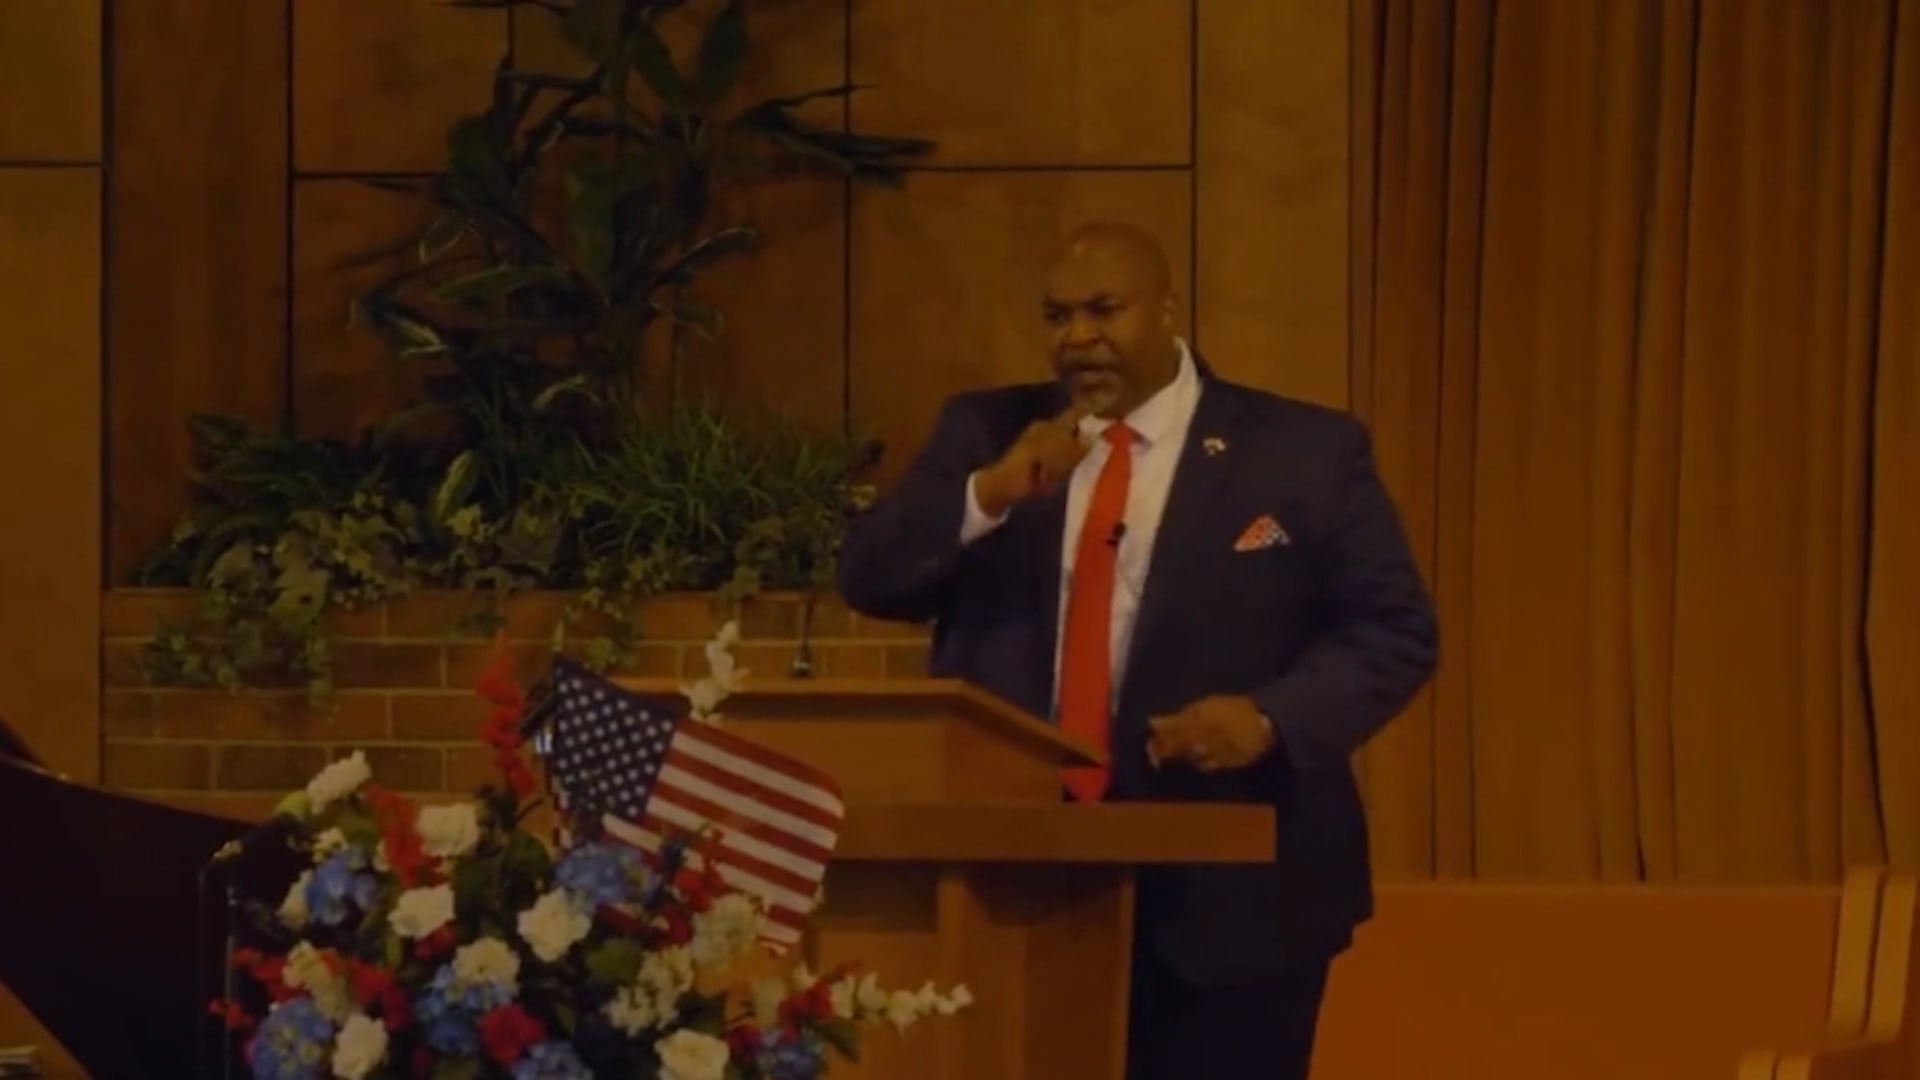 """نائب حاكم ولاية أمريكية يثير موجة غضب بـ""""خطاب كراهية"""" ضد المثليين thumbnail"""